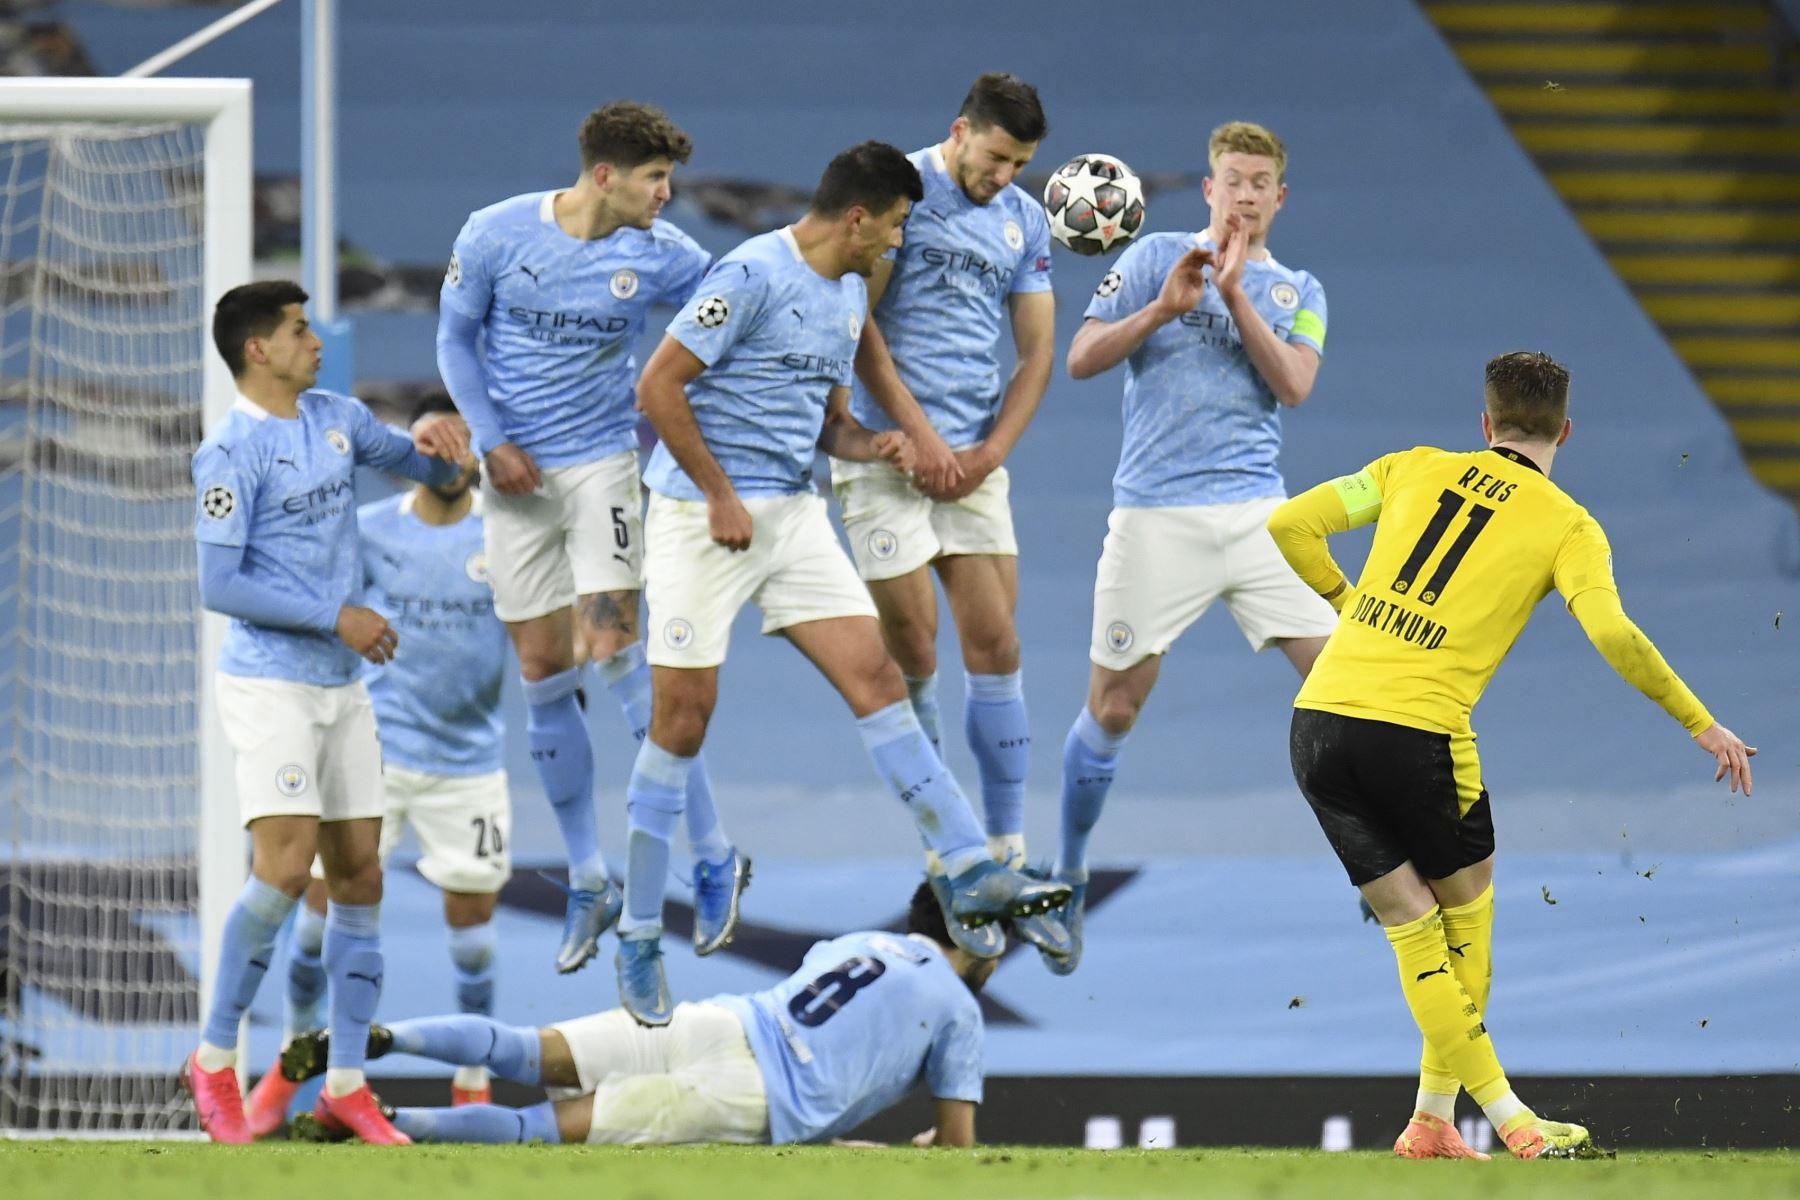 Marco Reus de Dortmund dispara un tiro libre durante los cuartos de final de la Liga de Campeones de la UEFA. Foto: EFE